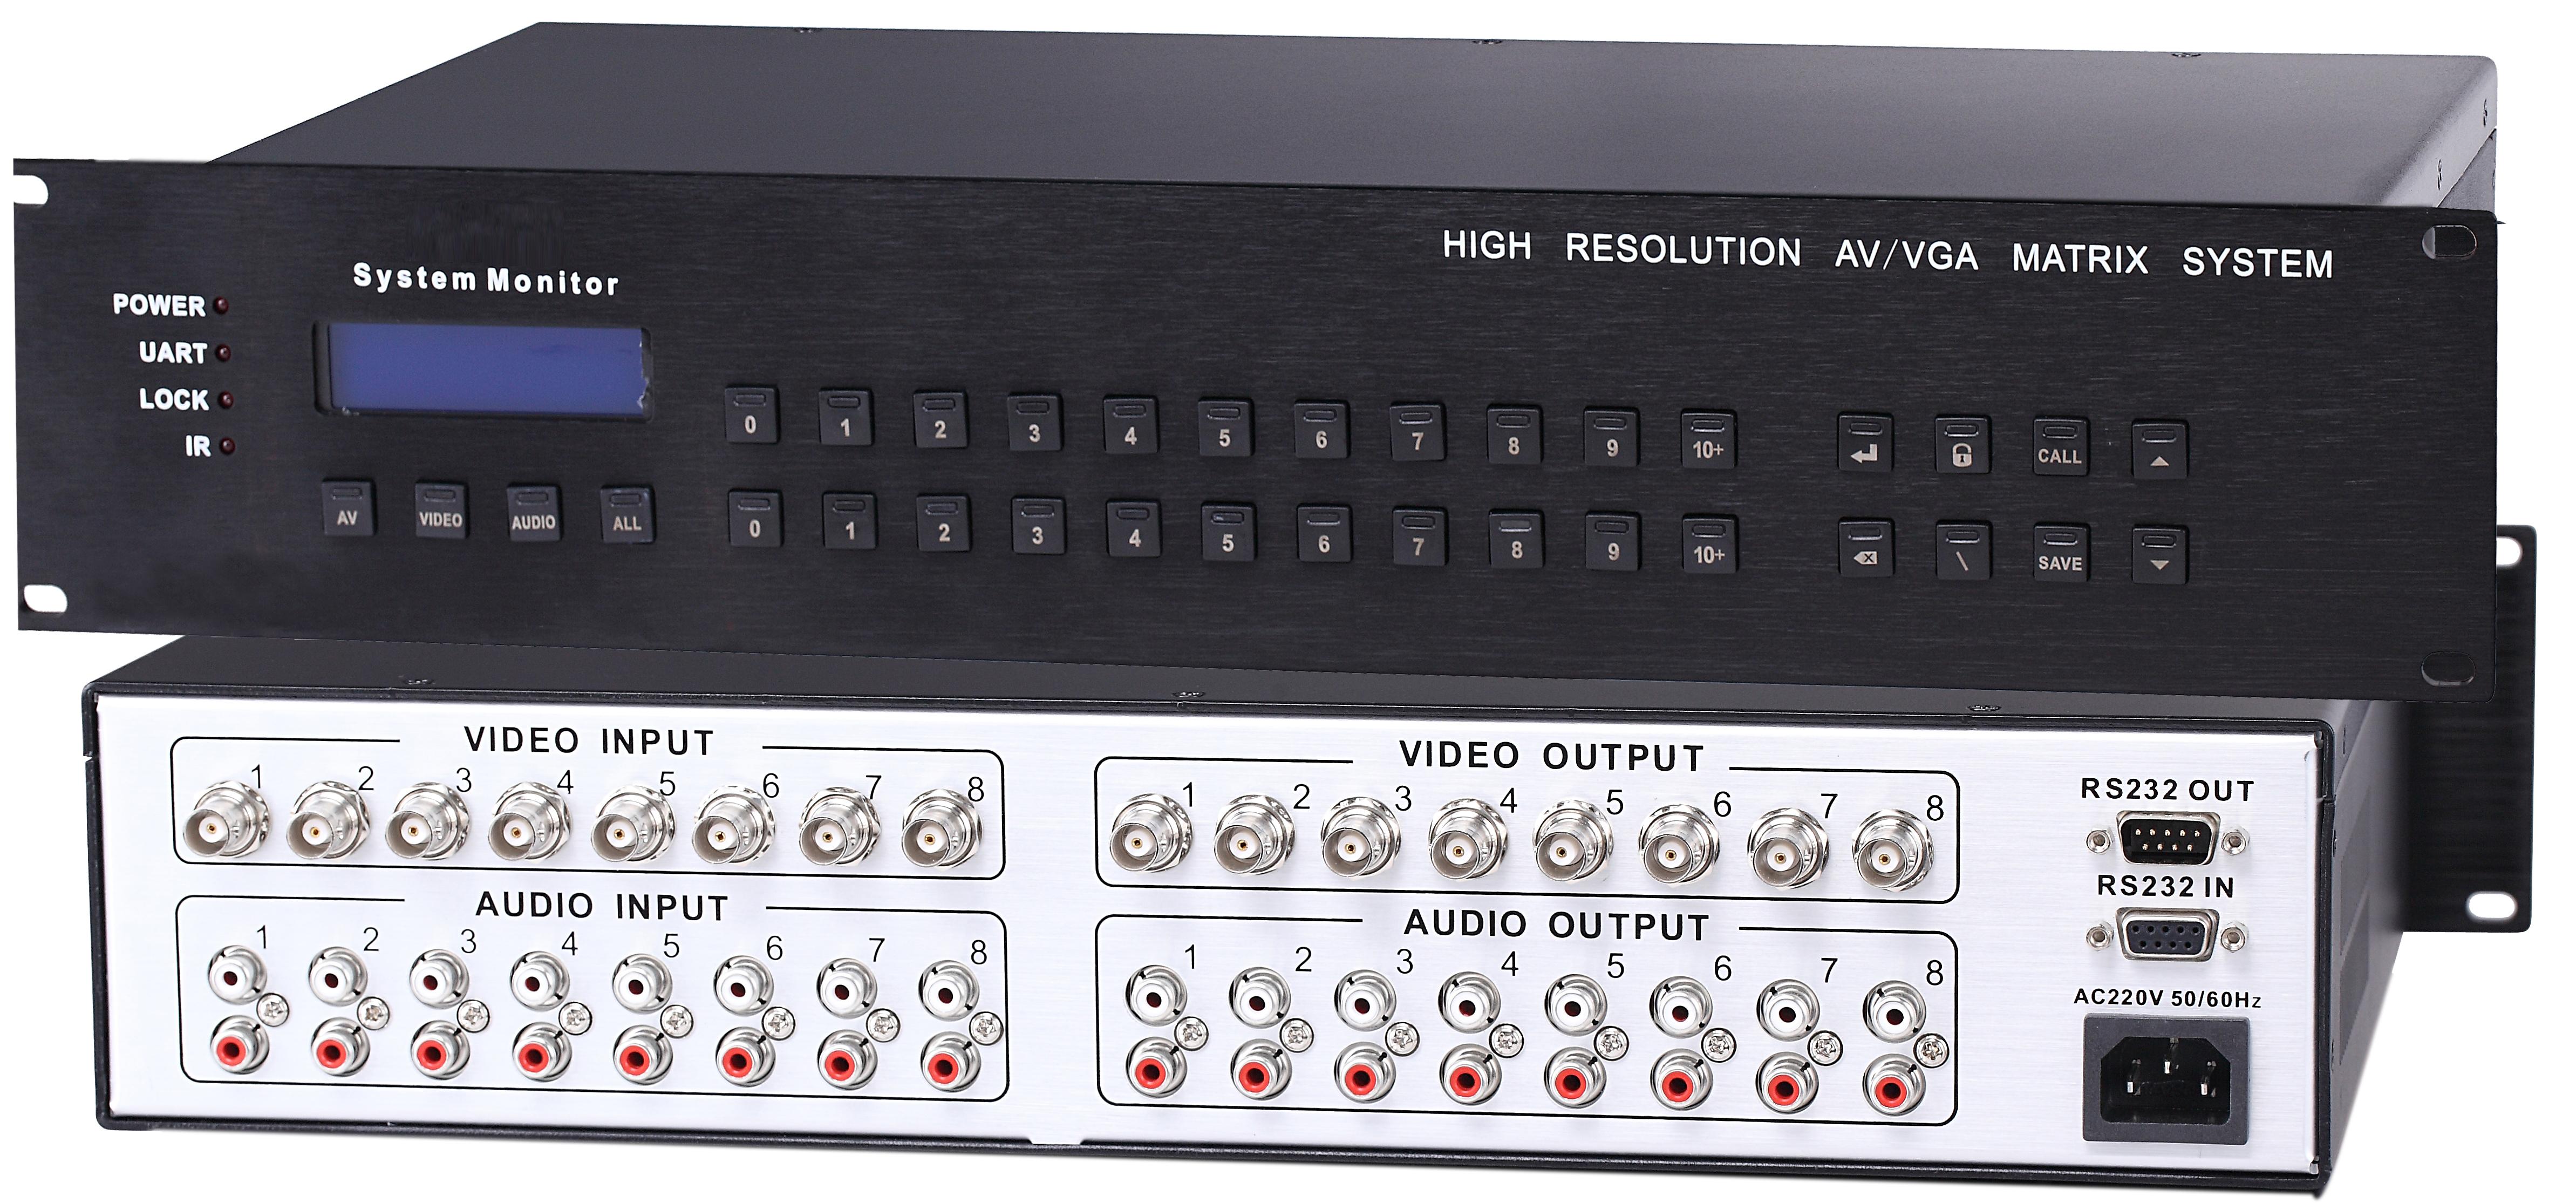 VT-AV AV系列矩阵